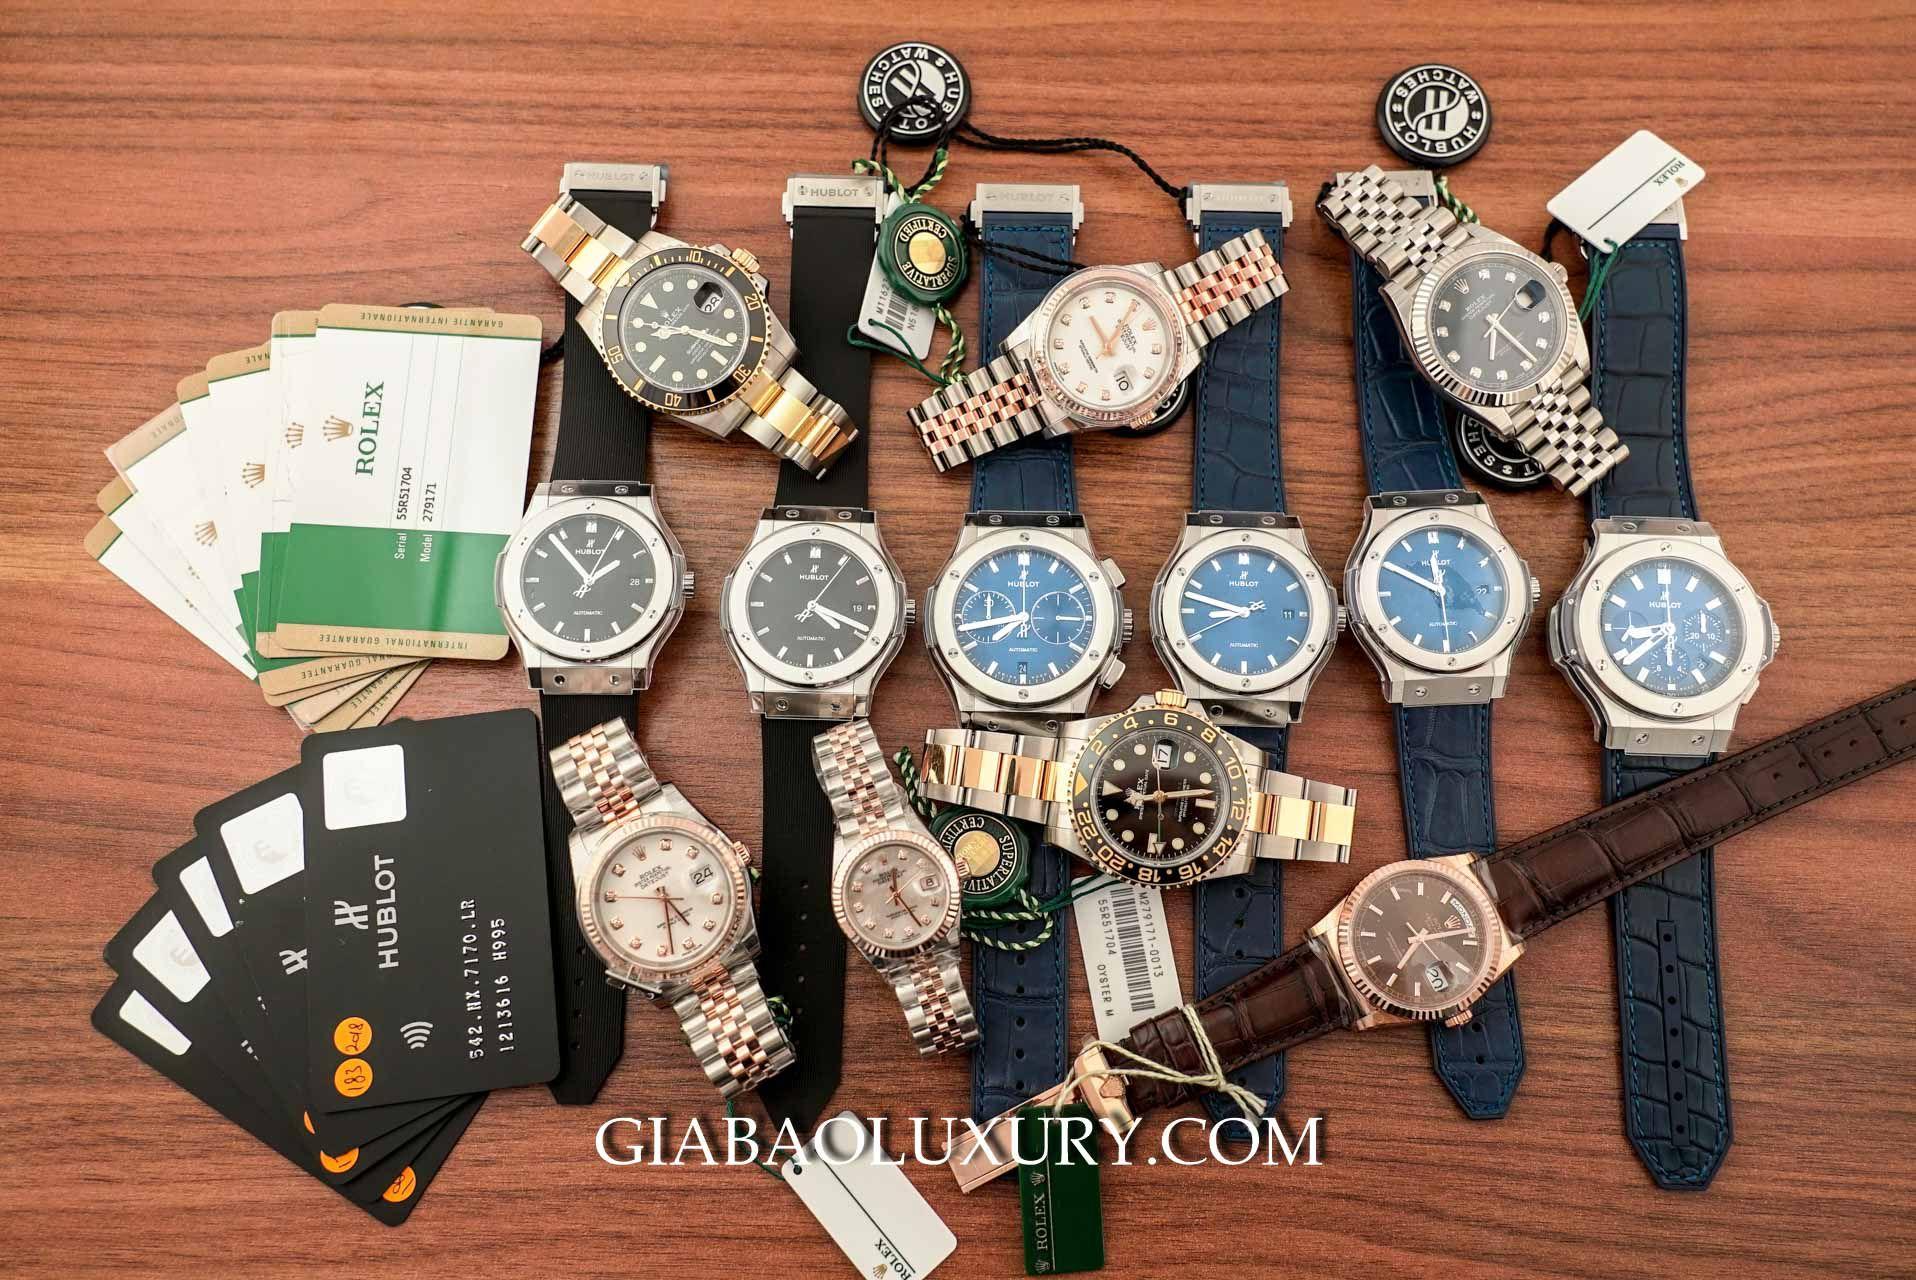 Gia Bảo Luxury là địa chỉ mua bán đồng hồ chính hãng các thương hiệu hàng đầu thế giới như Hublot, Omega, Patek Philippe, Rolex